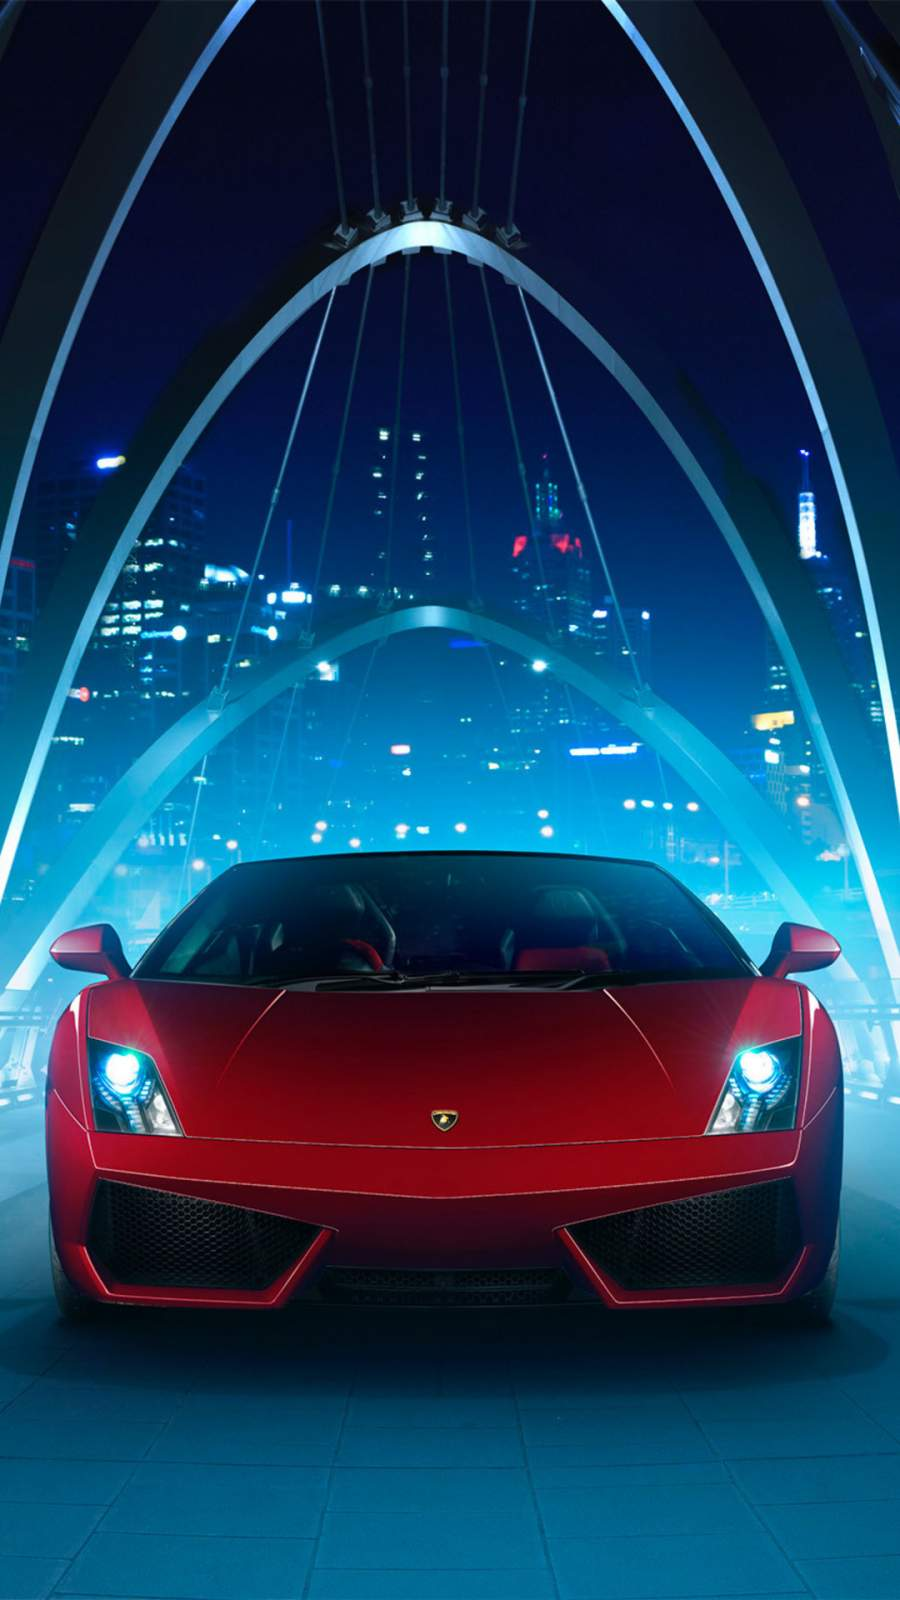 Lamborghini Gallardo iPhone Wallpaper